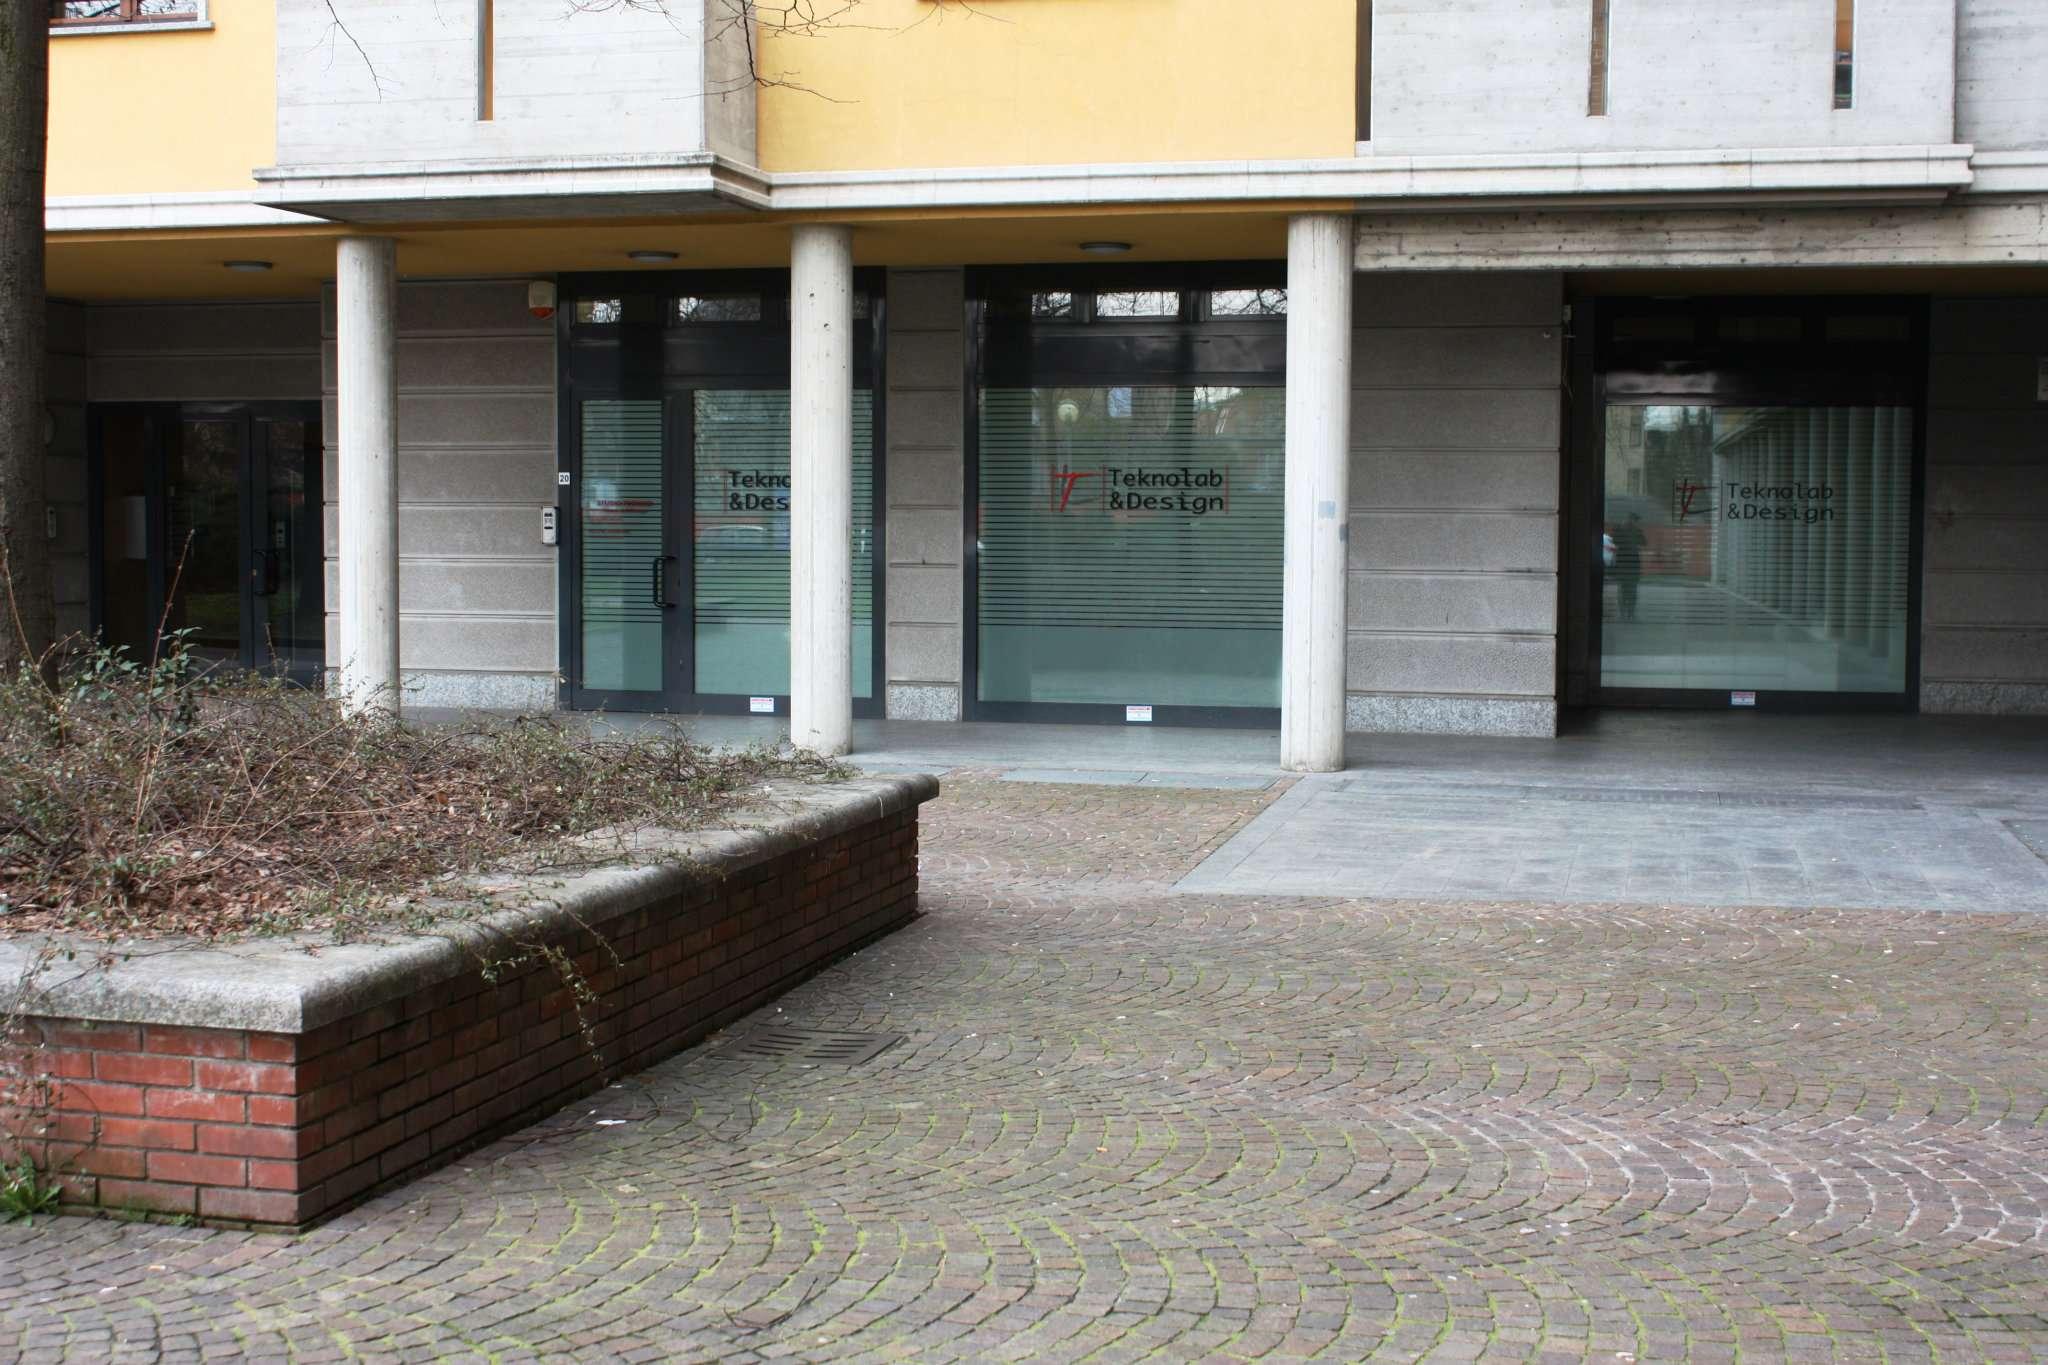 Ufficio / Studio in affitto a Cinisello Balsamo, 4 locali, prezzo € 1.350 | CambioCasa.it